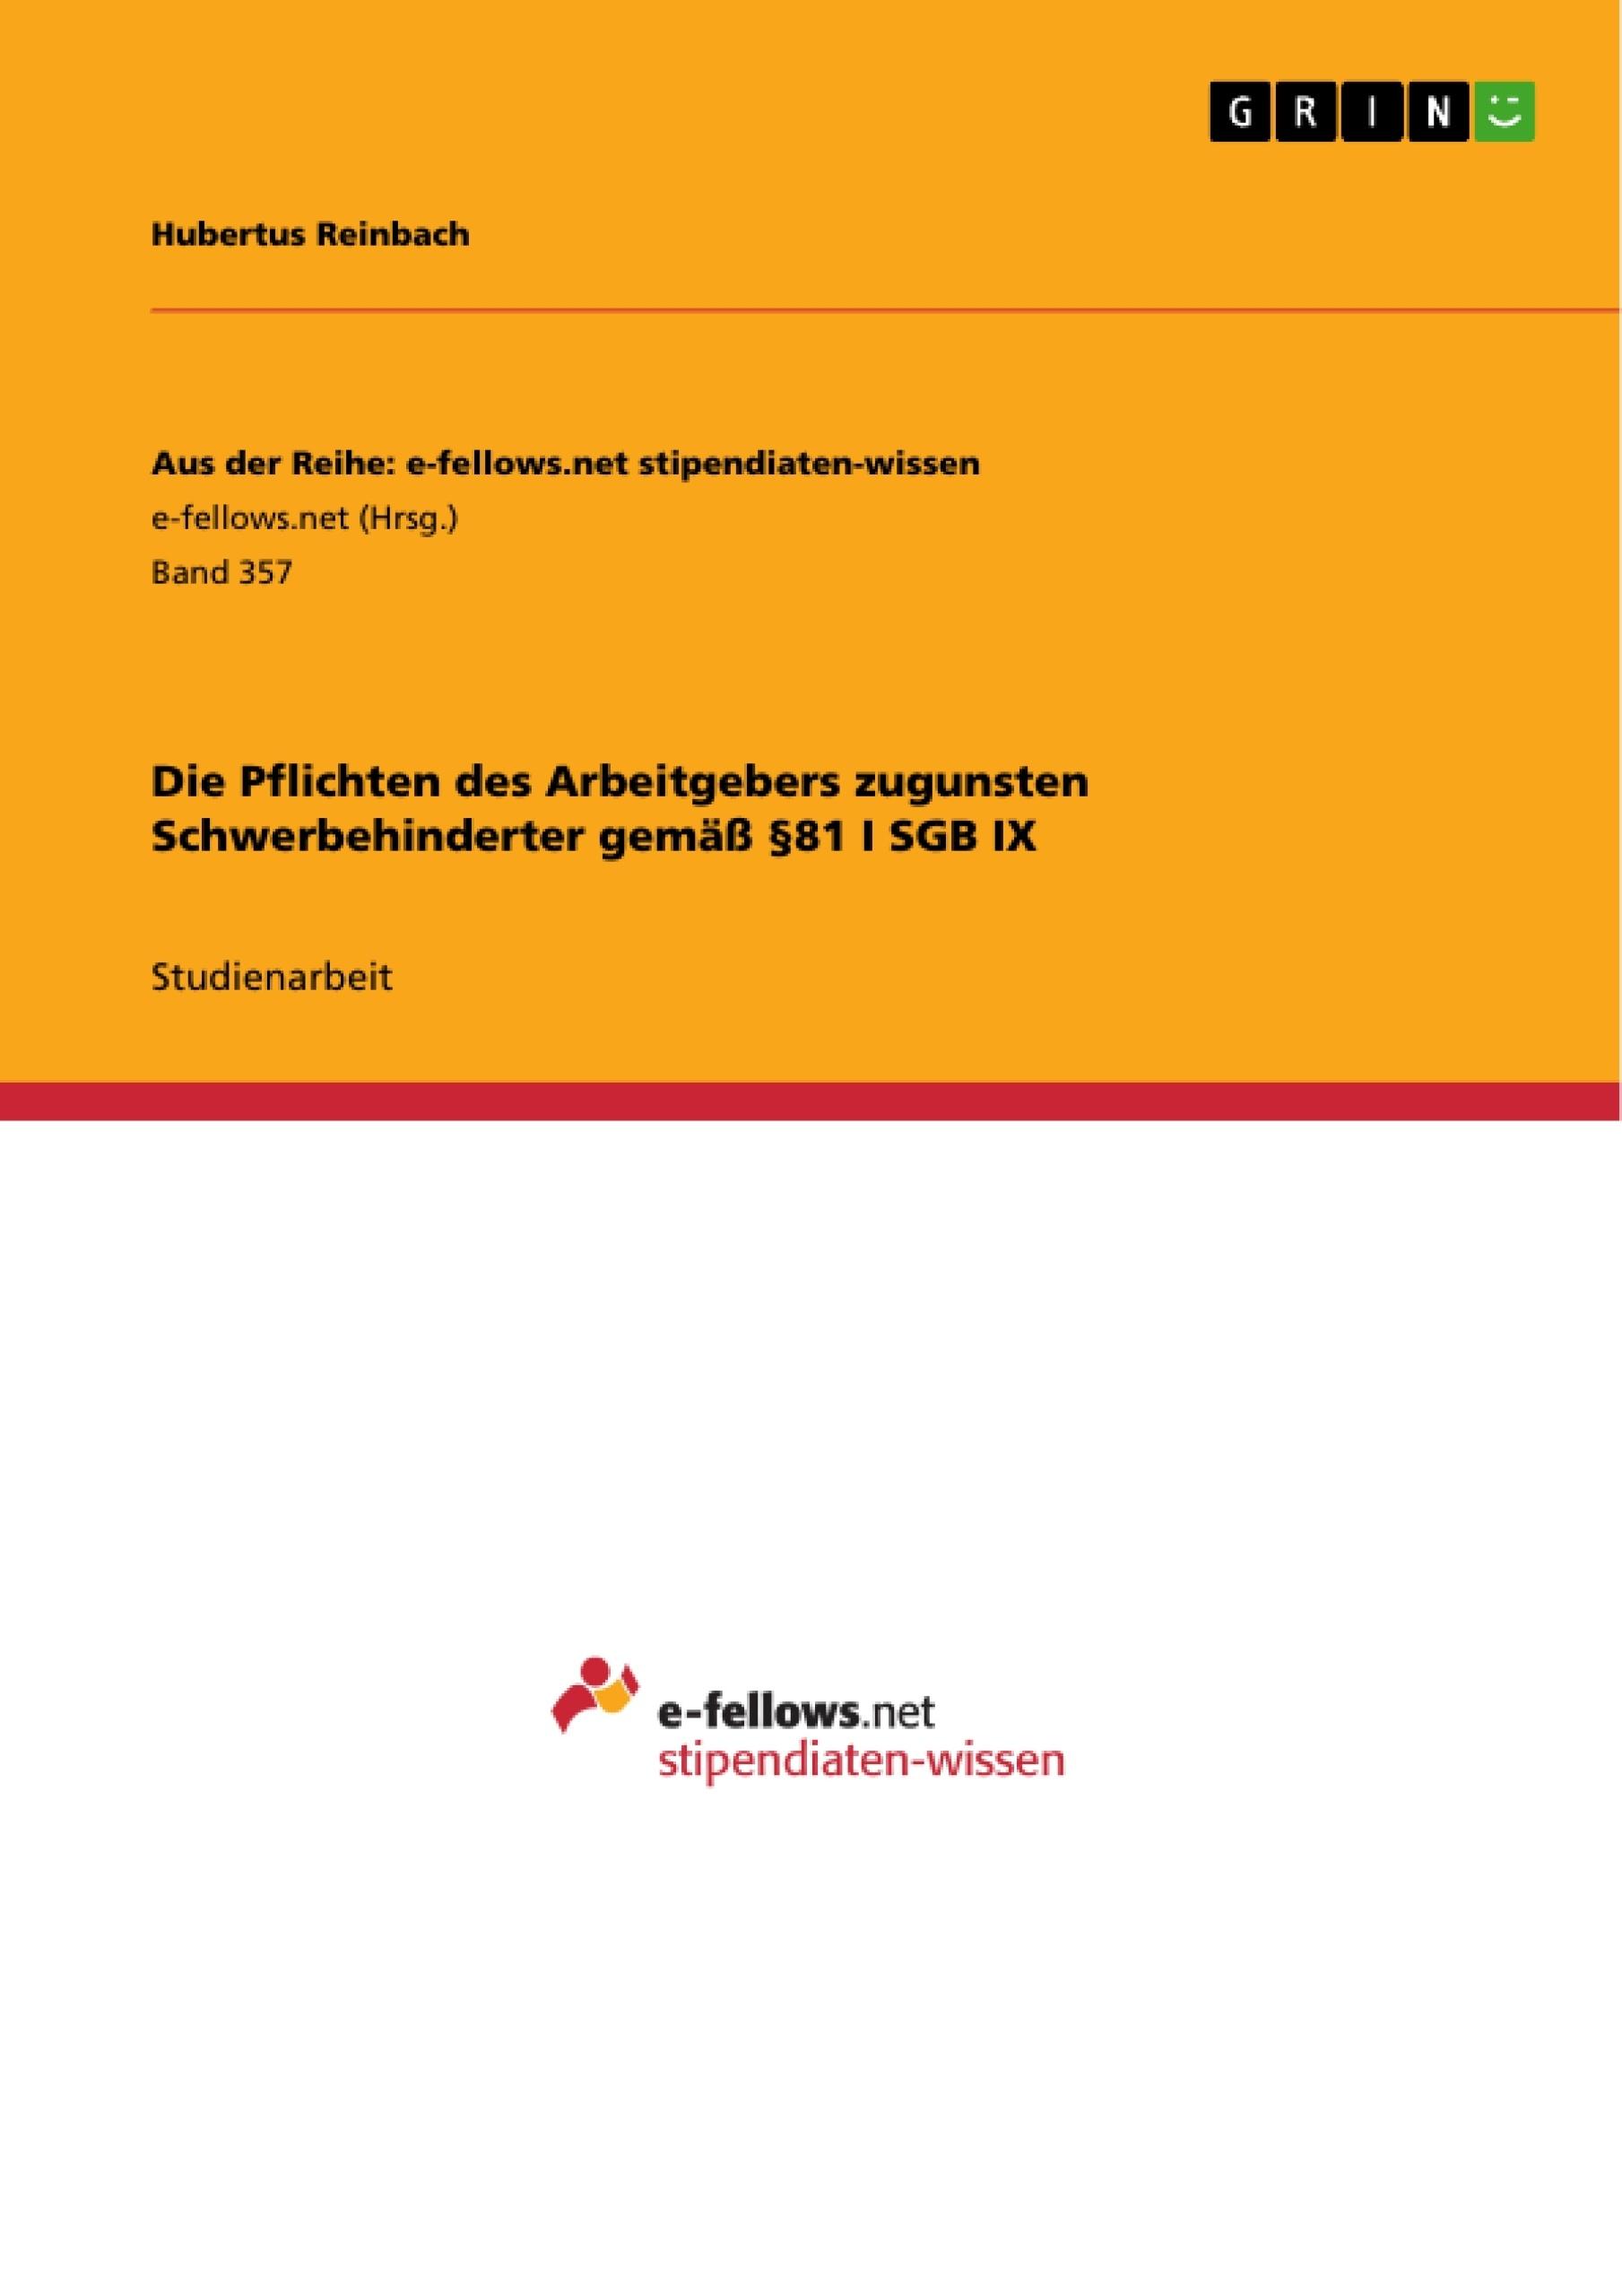 Titel: Die Pflichten des Arbeitgebers zugunsten Schwerbehinderter gemäß §81 I SGB IX